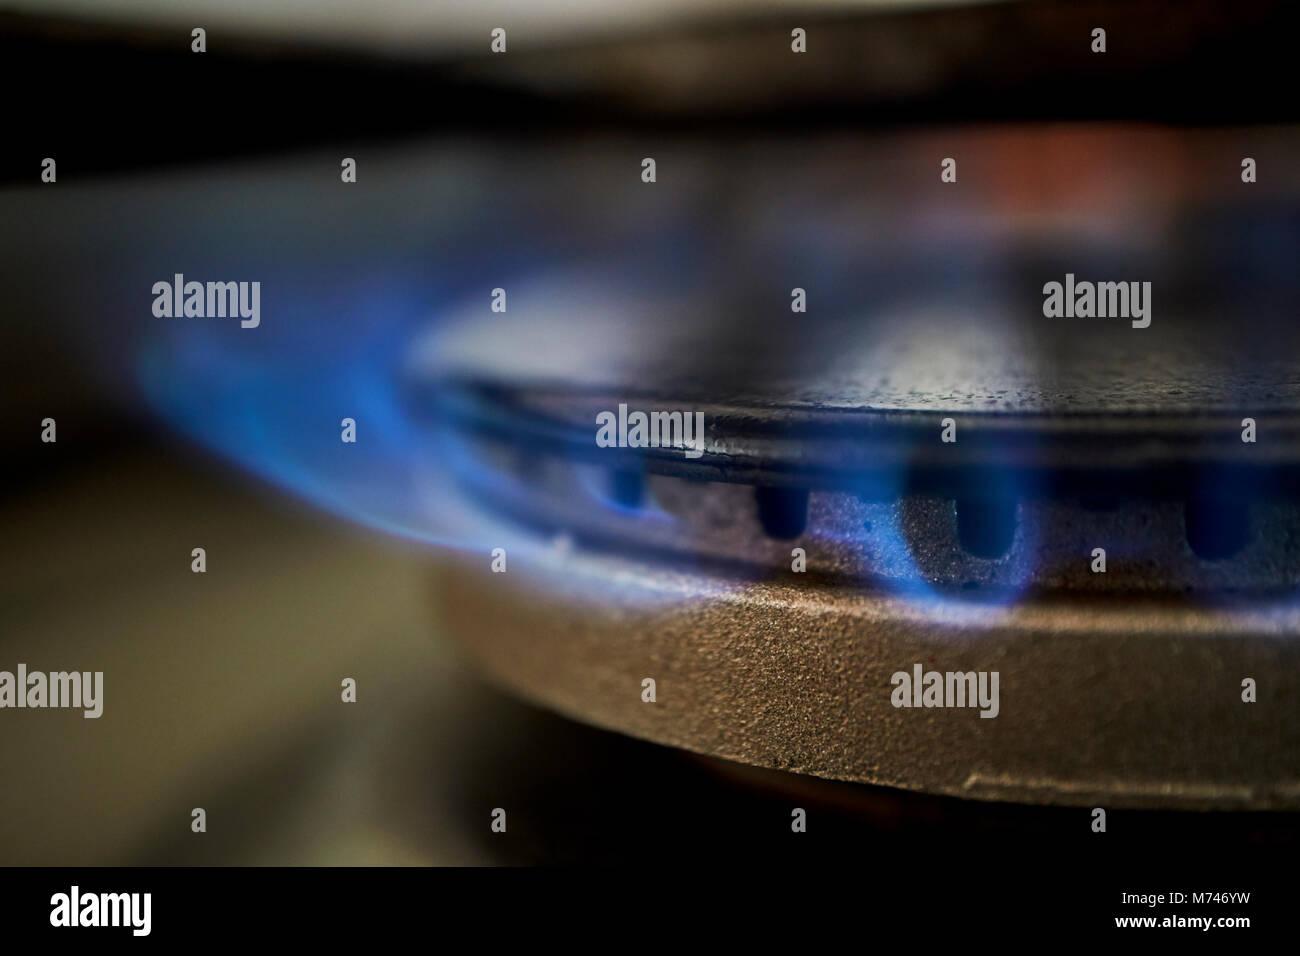 Gas Ring Brennen Auf Der Kuche Herd Mit Naturlichen Paspeliertem